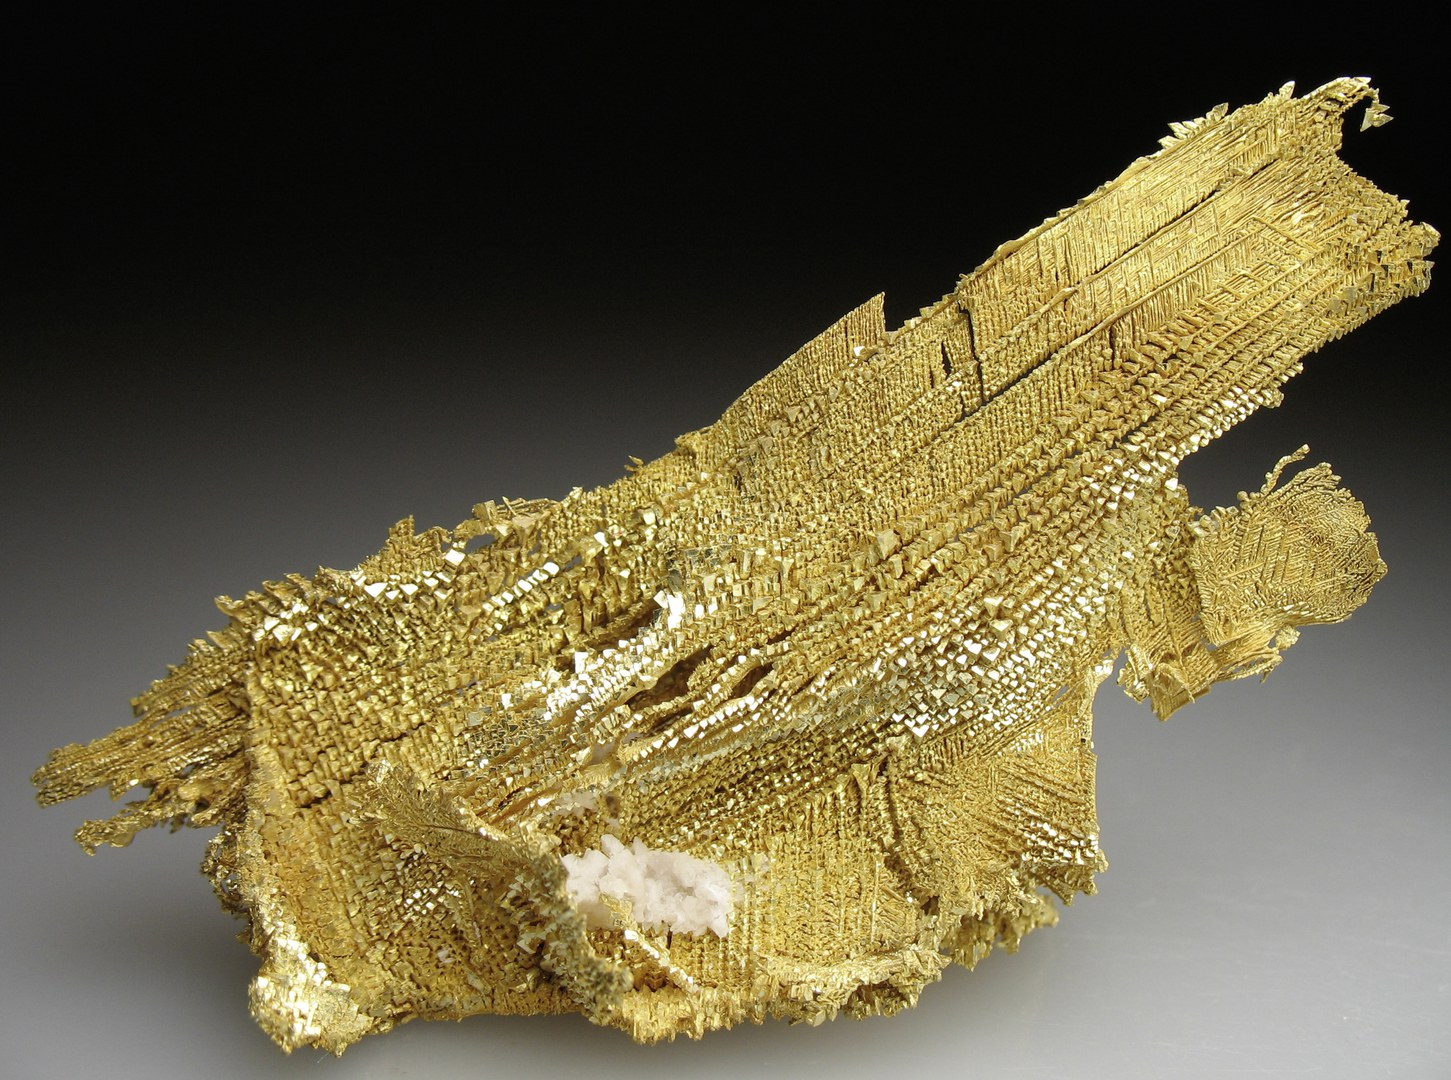 Gold aus Round Mountain, Nevada ohne Legende.jpg